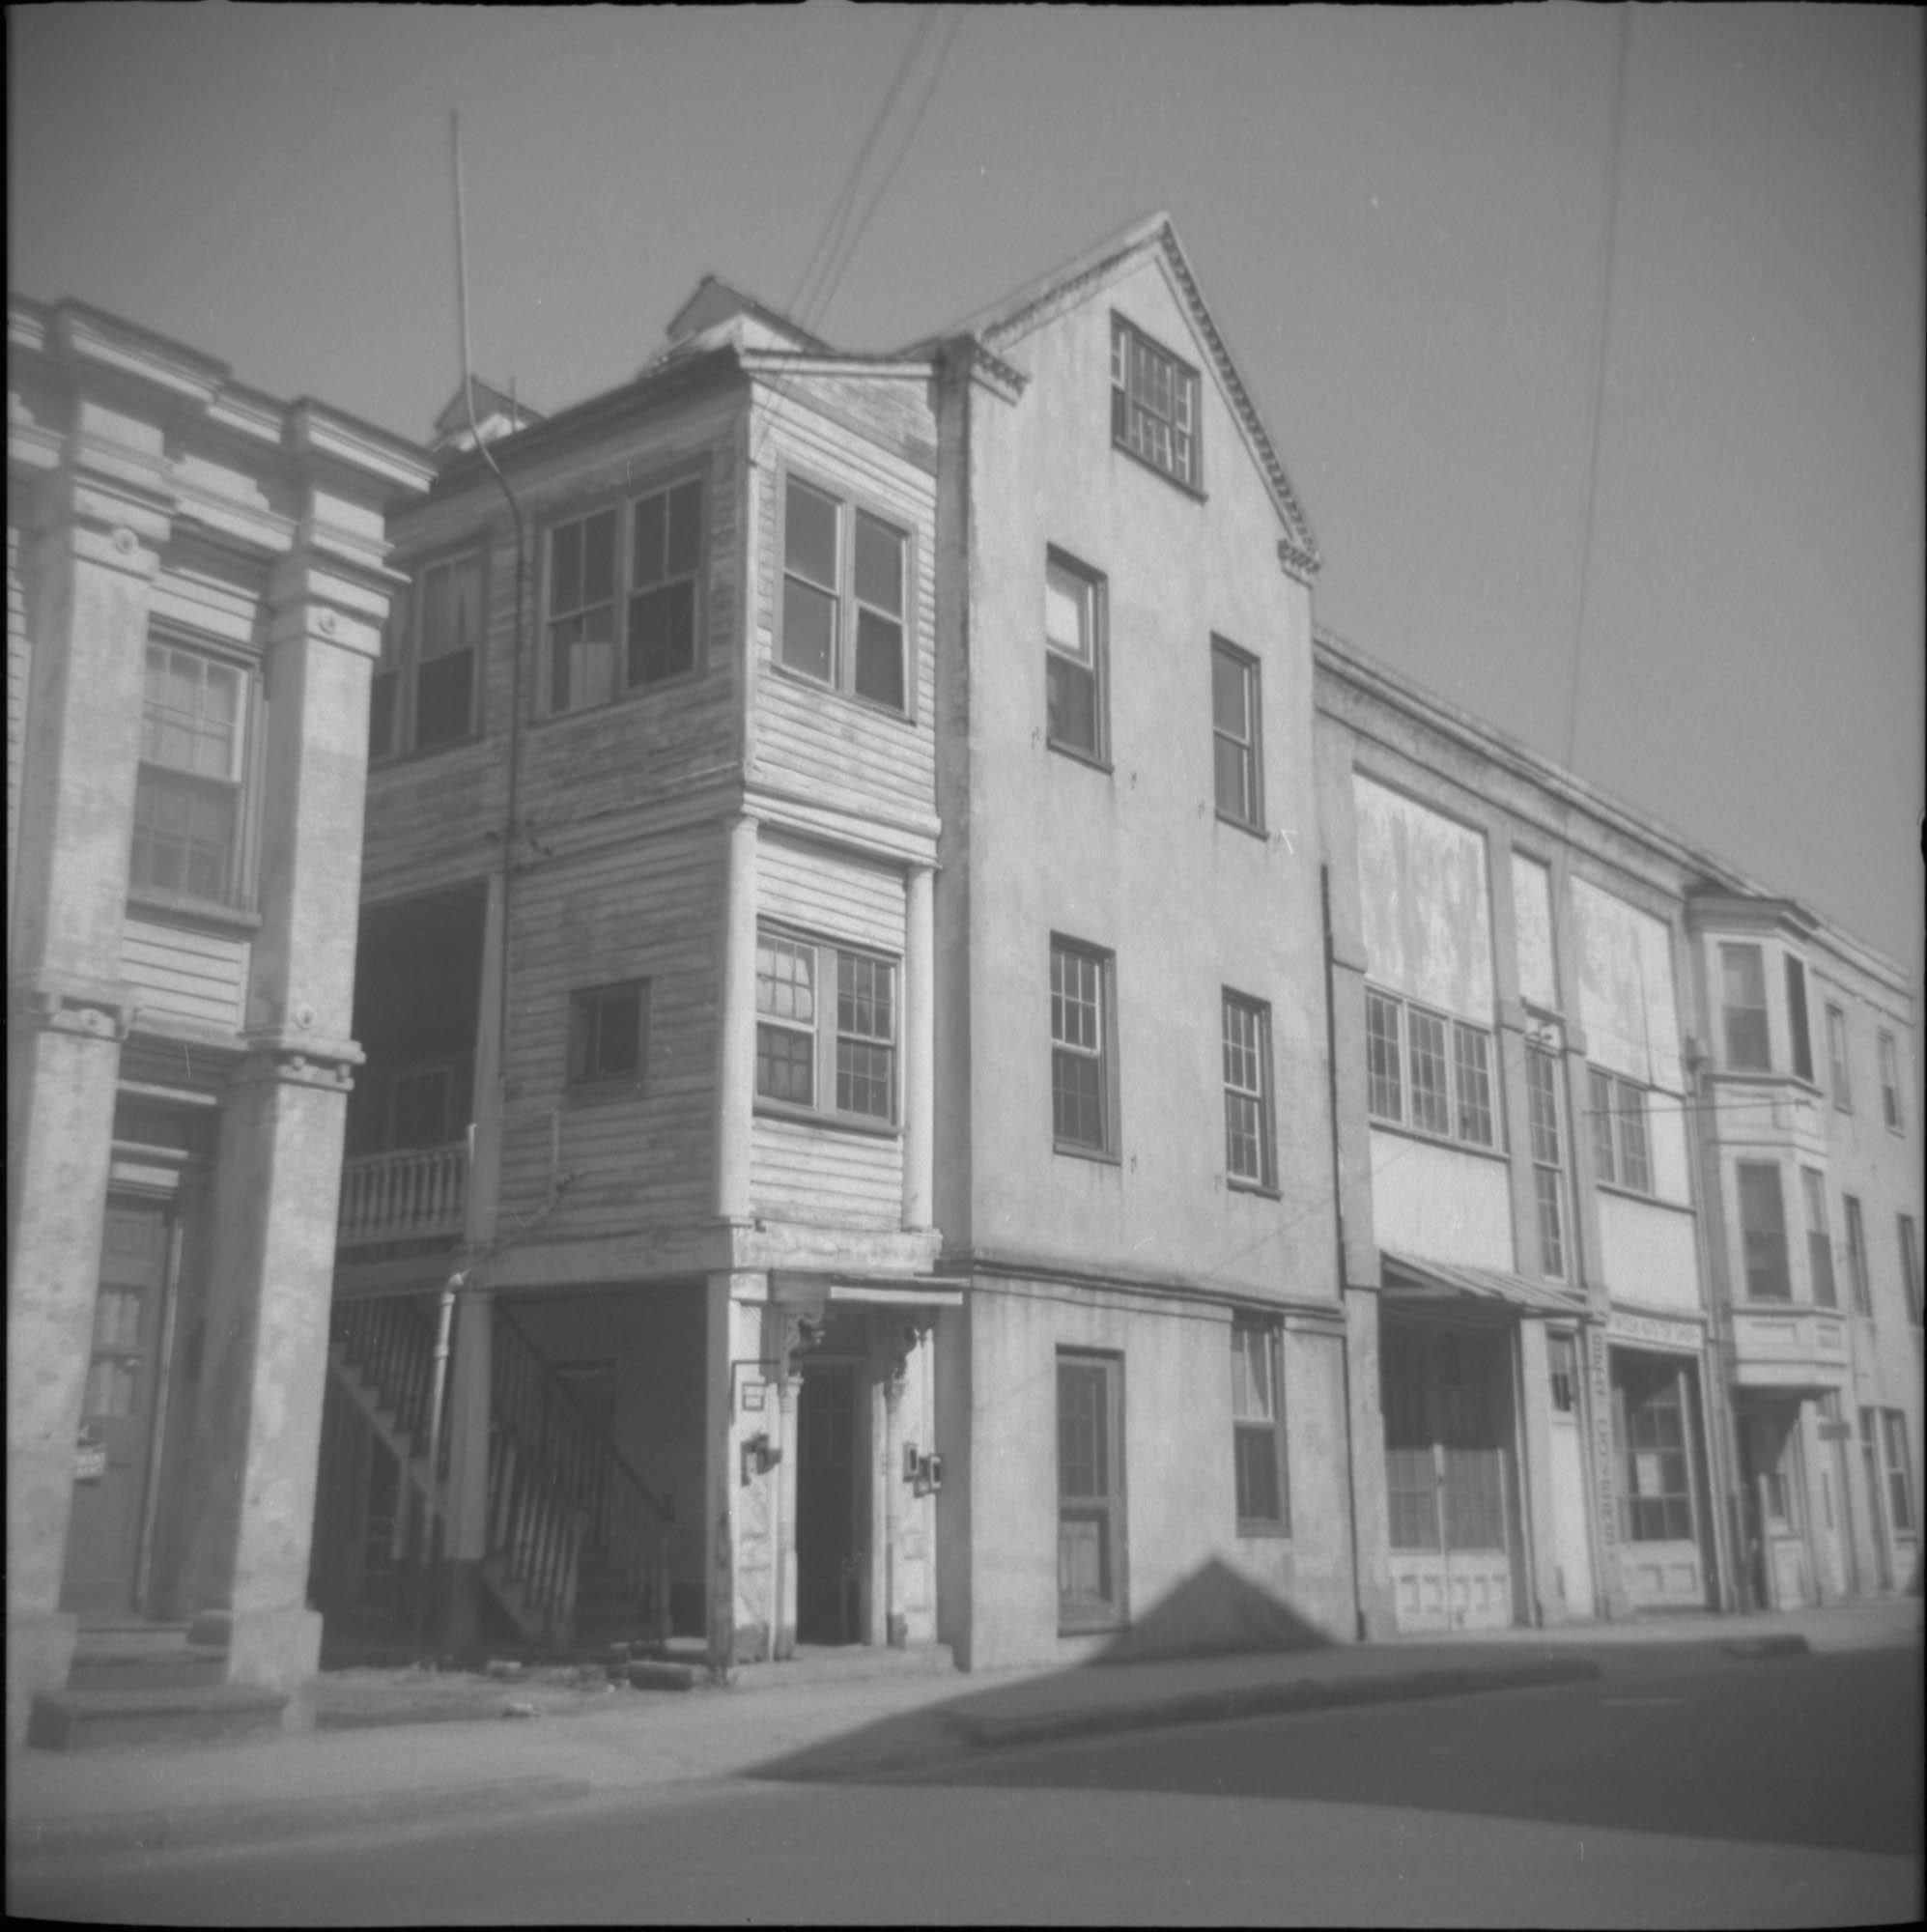 42 Wentworth Street